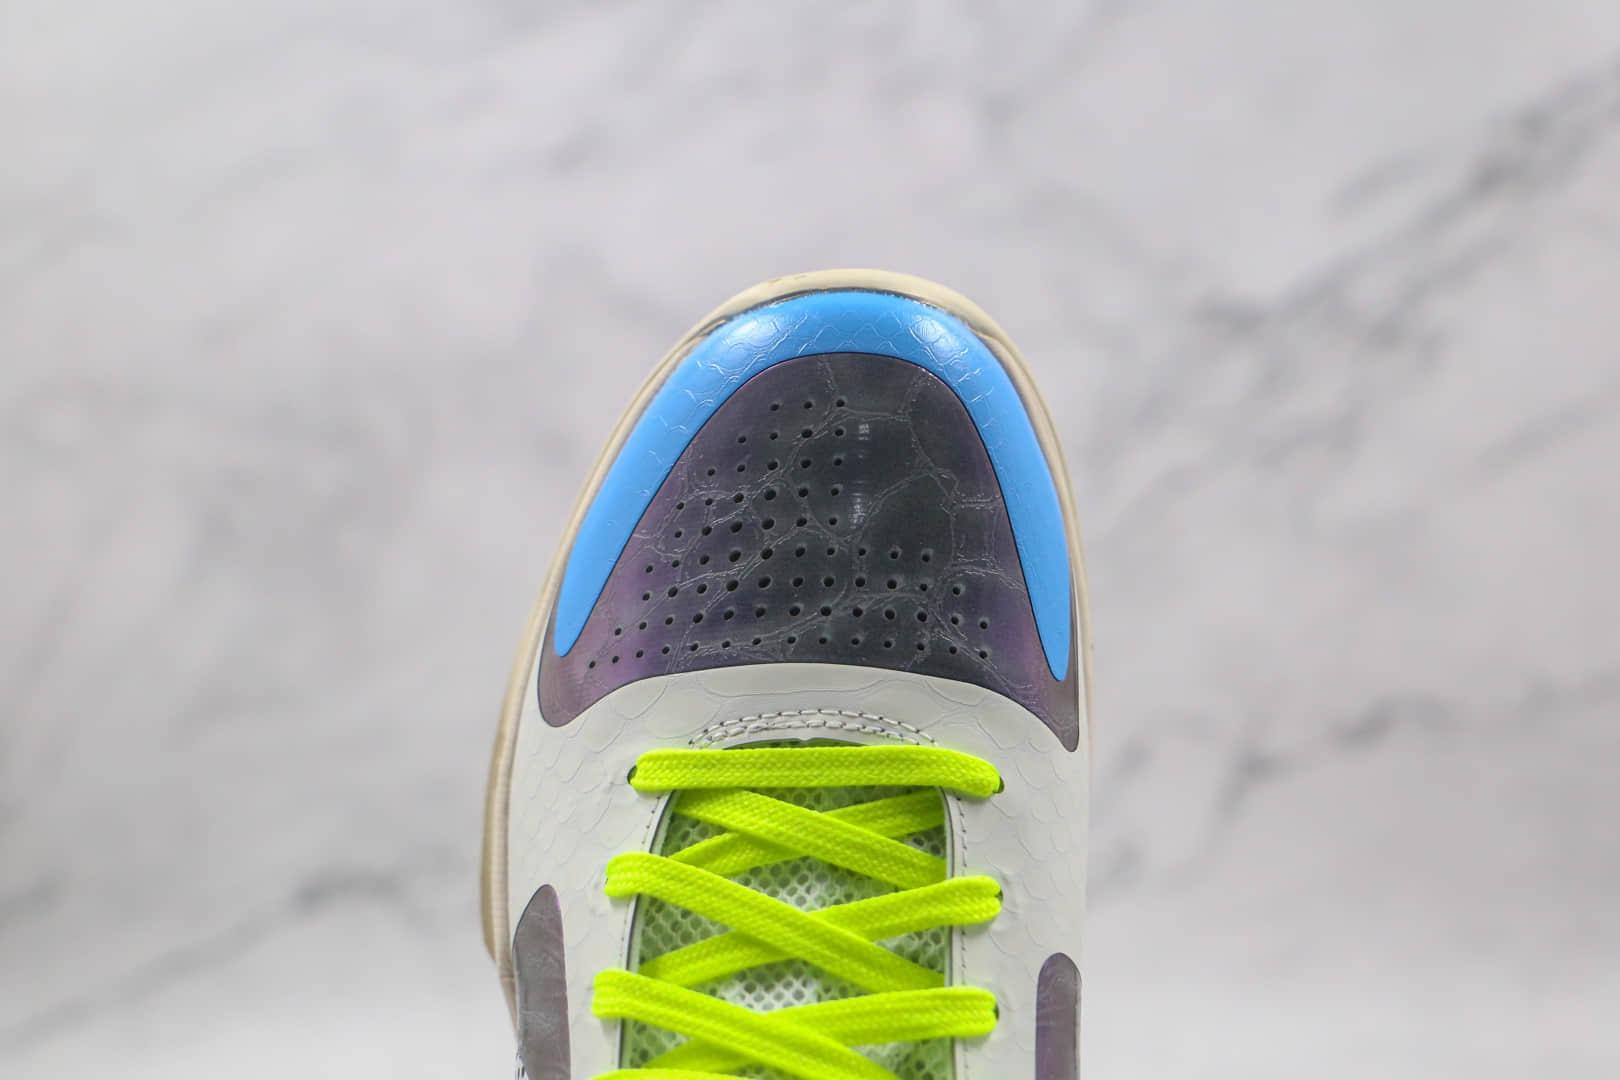 耐克Nike Kobe 5 Protro PJ TuckerPE纯原版本科比5代淡奶油颗粒灰塔克多色篮球鞋内置真实碳板支持实战 货号:CD4991-004